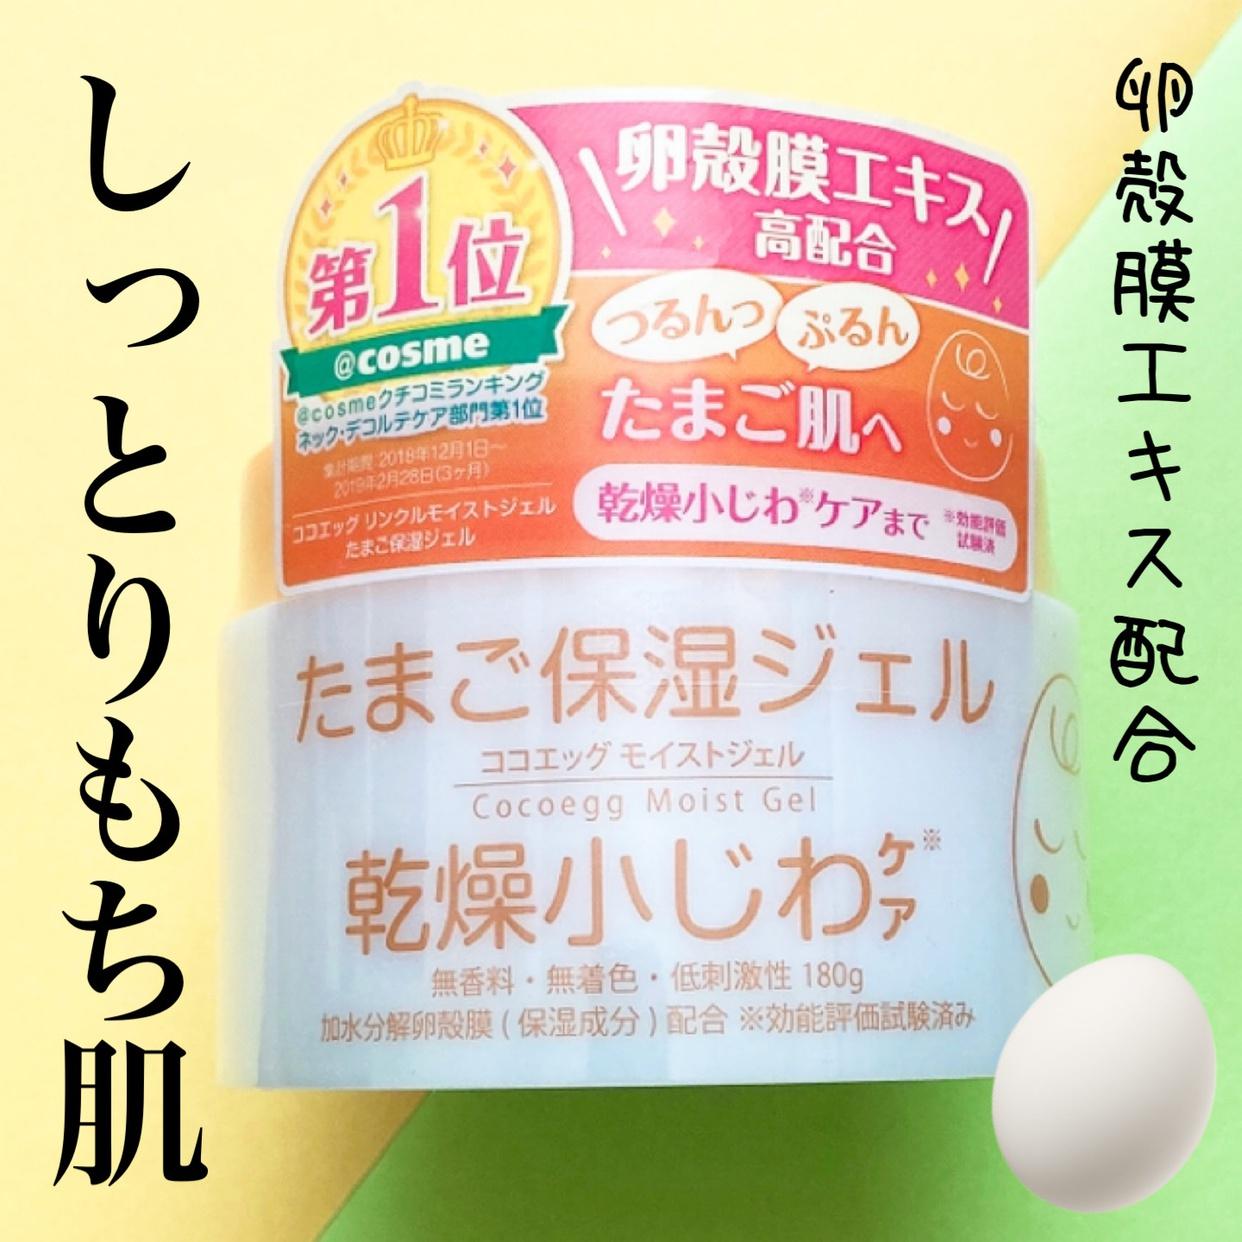 ココエッグ リンクルモイストジェル たまご保湿ジェルを使ったyunaさんのクチコミ画像1